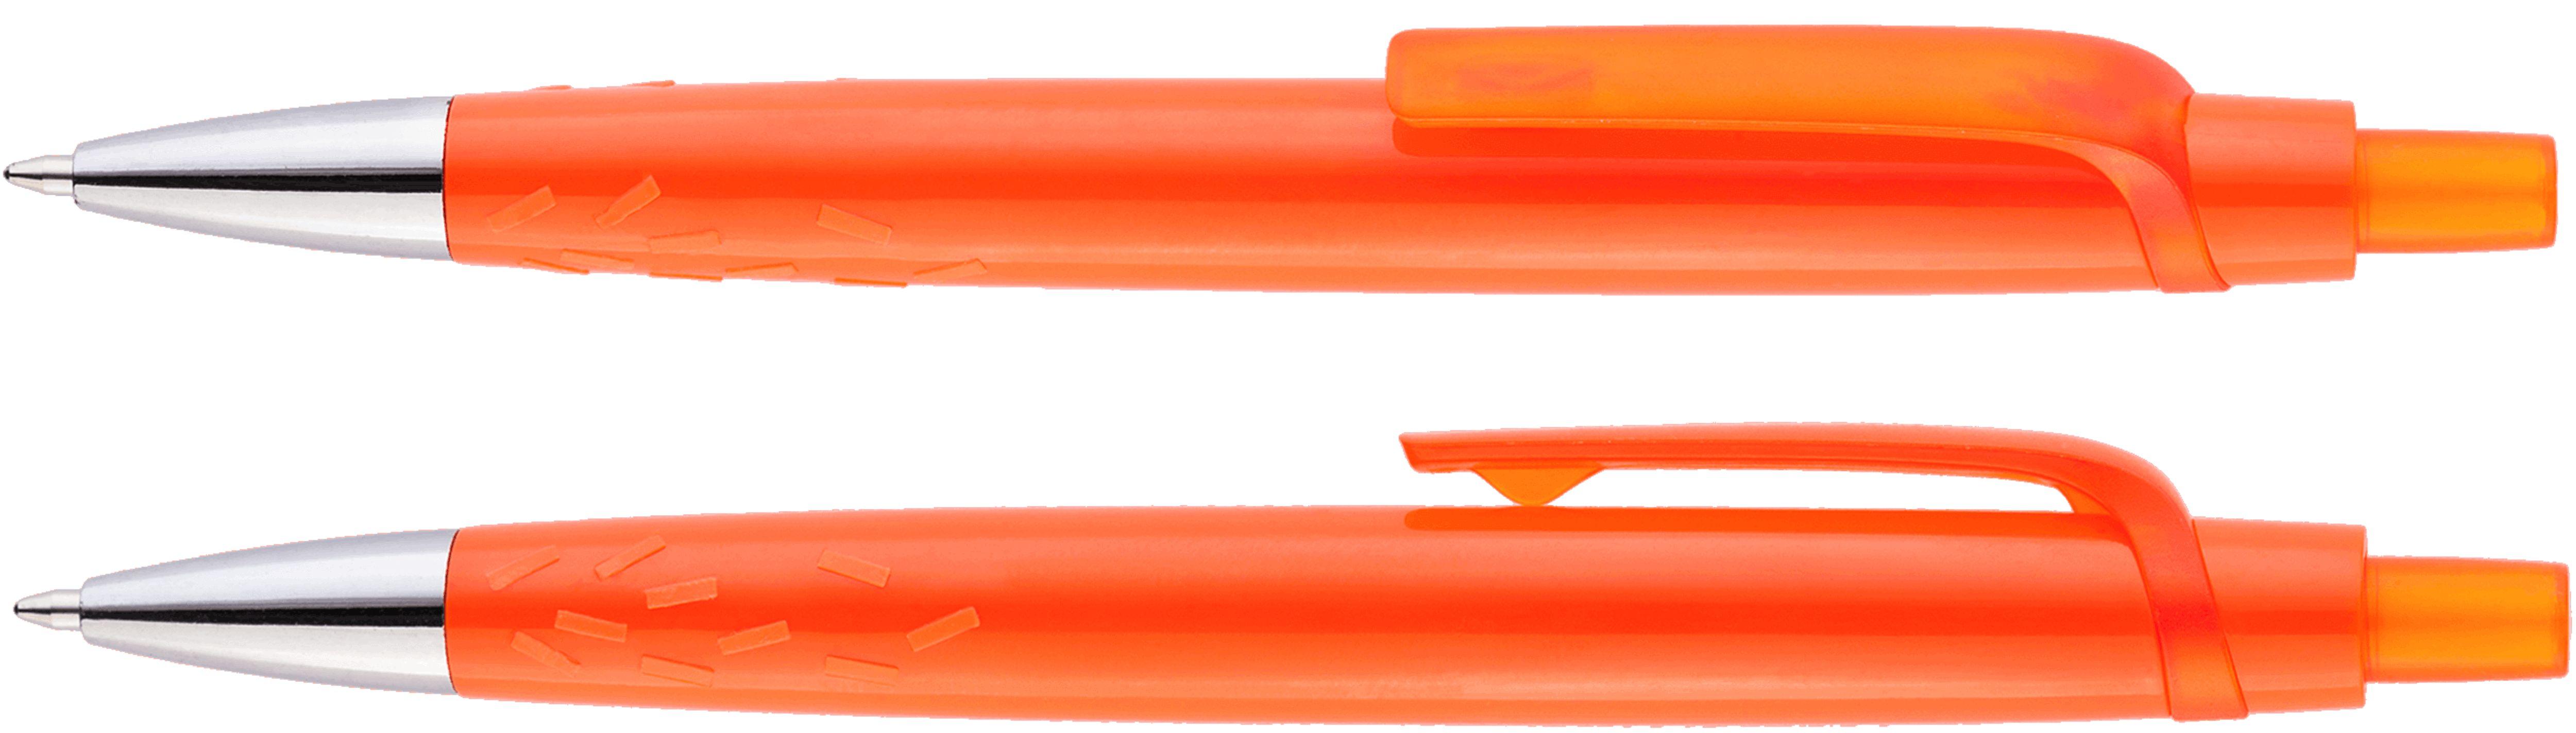 пластиковые ручки под нанесение